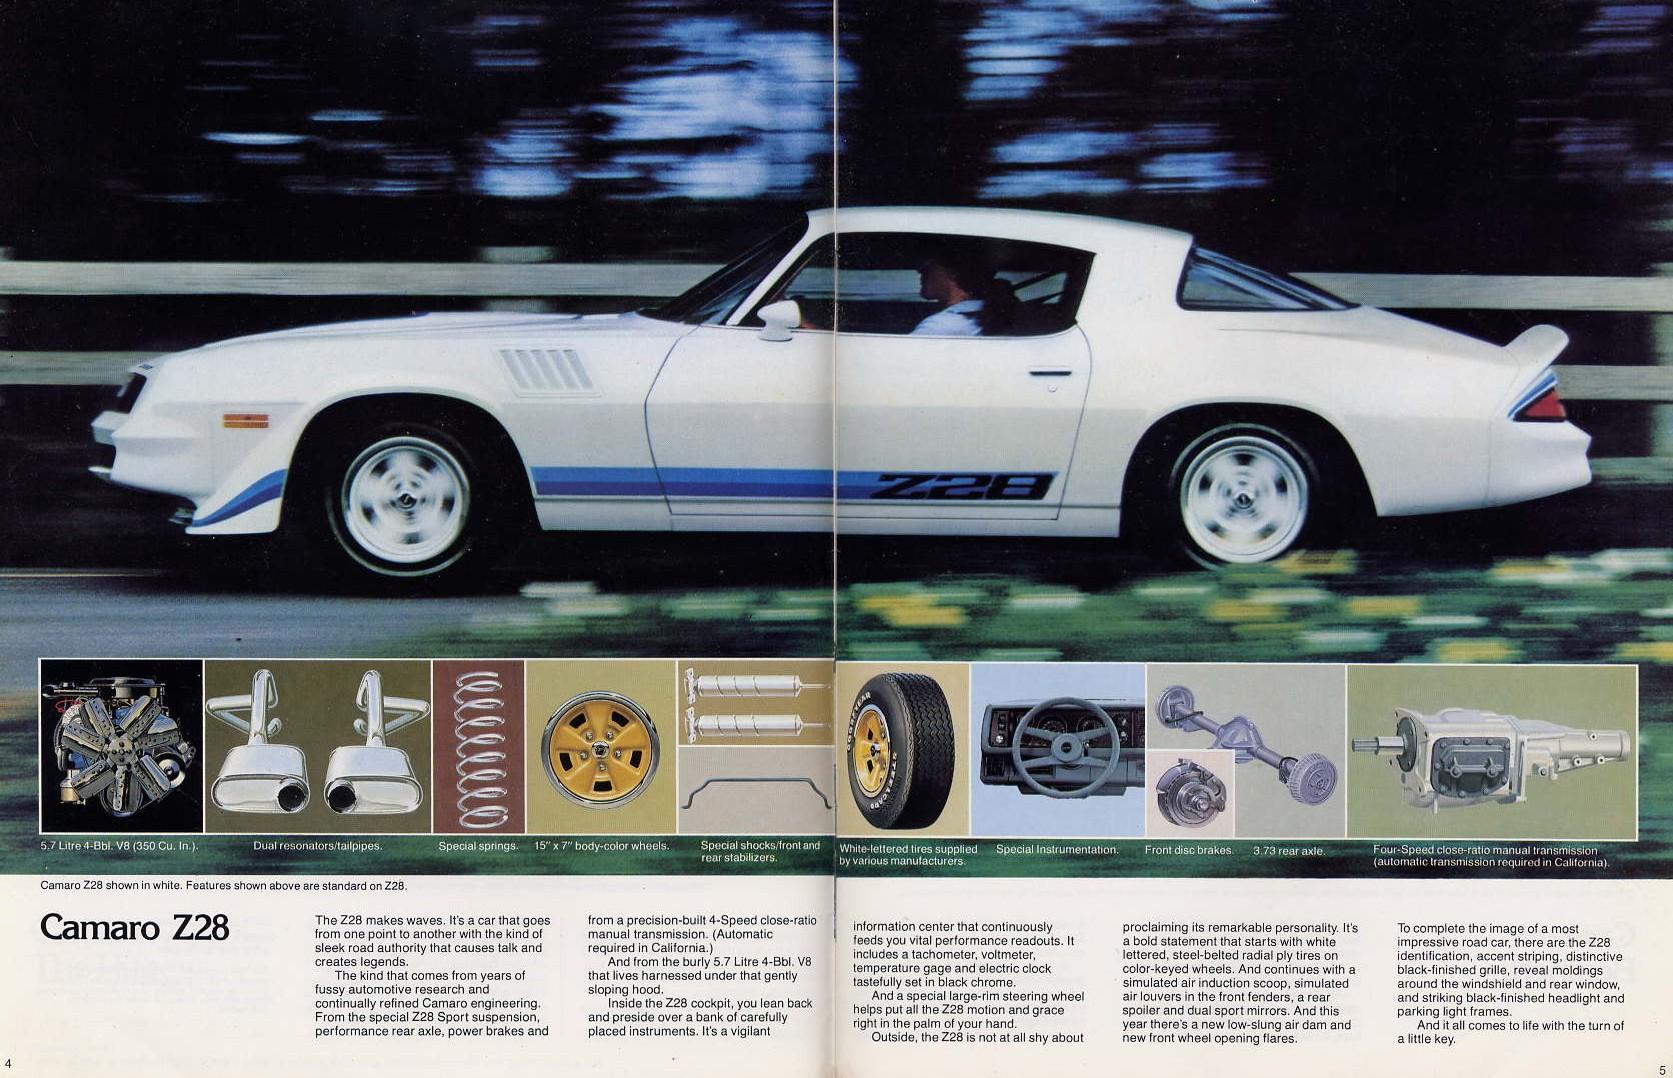 1979 Chevrolet Camaro Z28 Brochure 1978